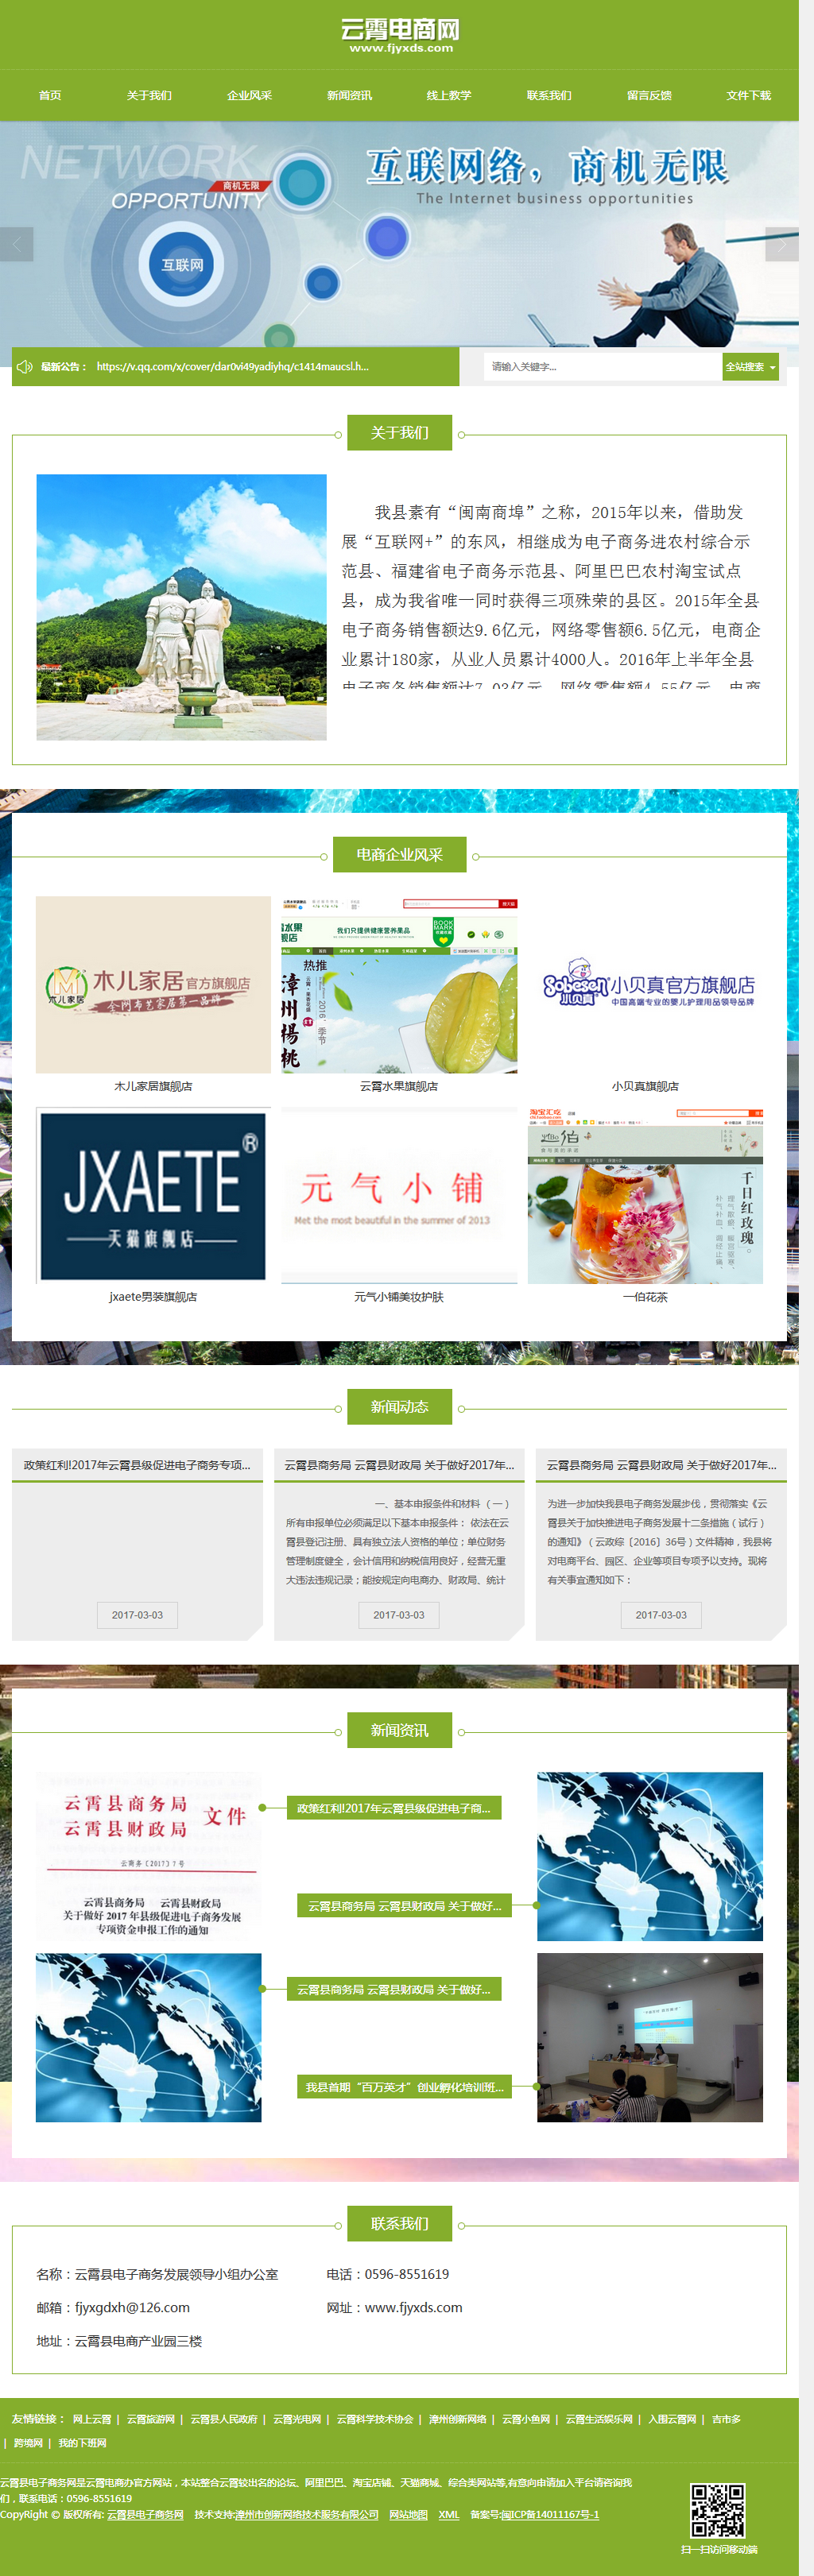 漳州建網站